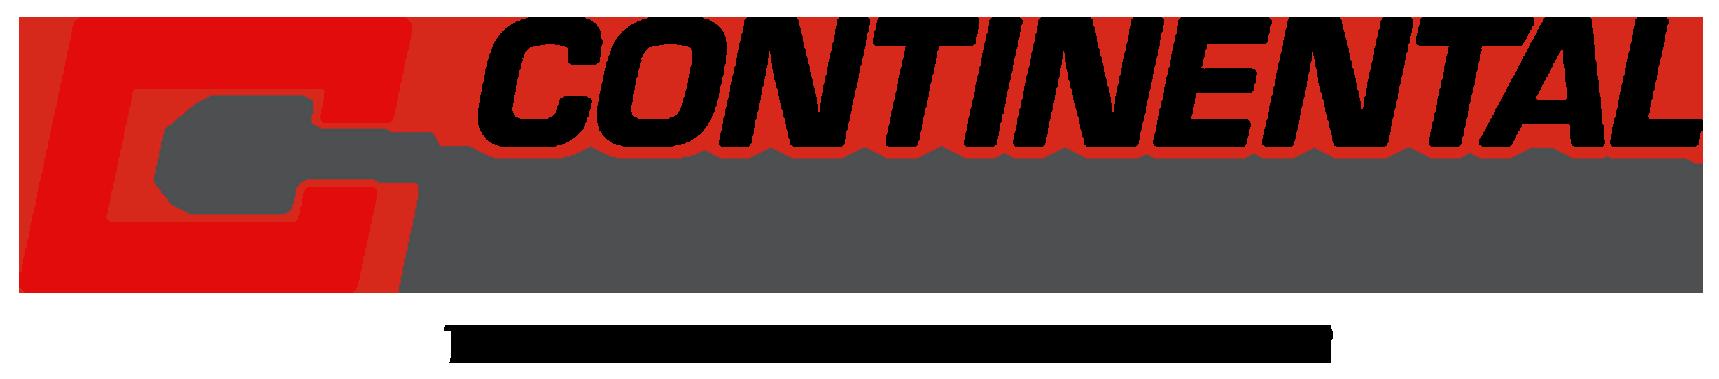 WISPB148-3S1